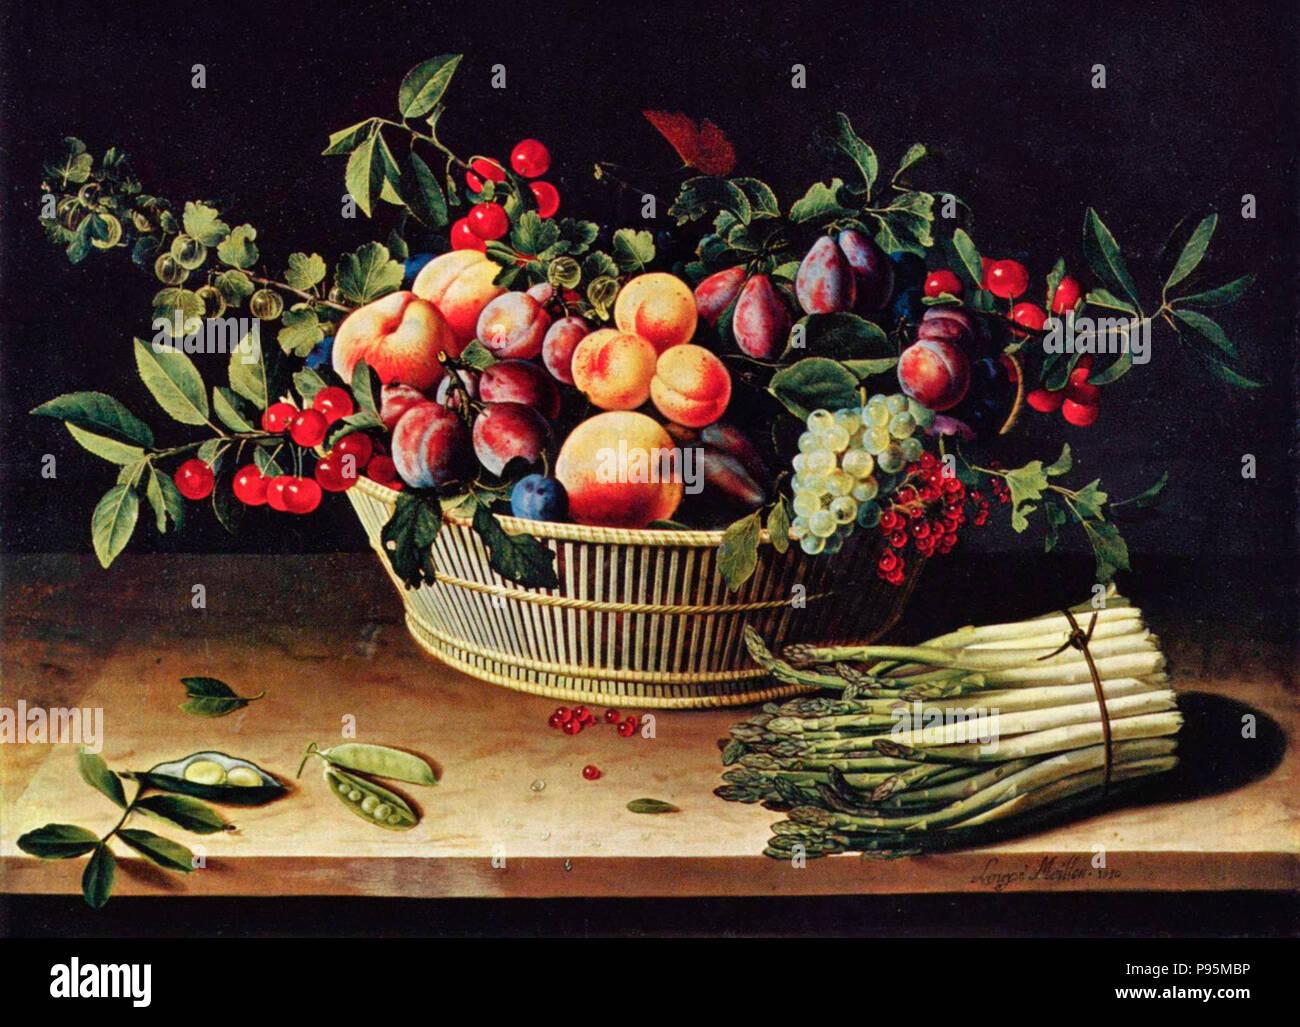 Ancora in vita con un cesto di frutta e un mazzetto di asparagi - Louise Moillon, circa 1630 Immagini Stock